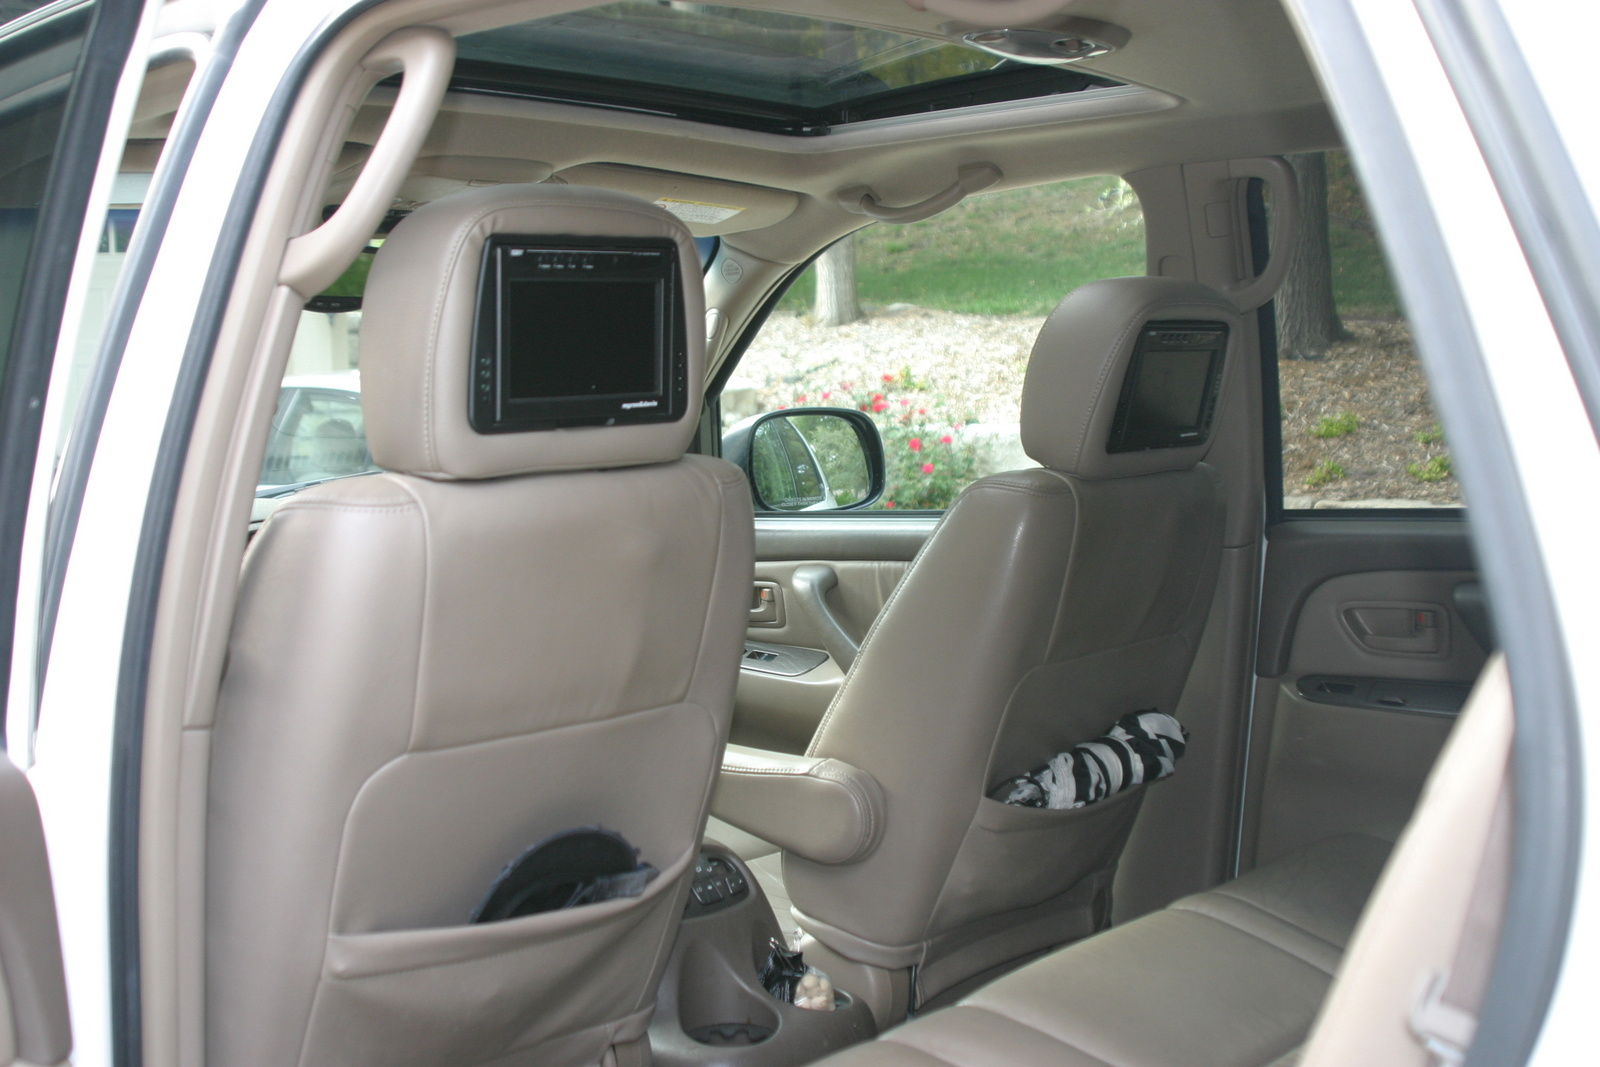 2003 toyota sequoia pictures cargurus - Toyota sequoia interior dimensions ...